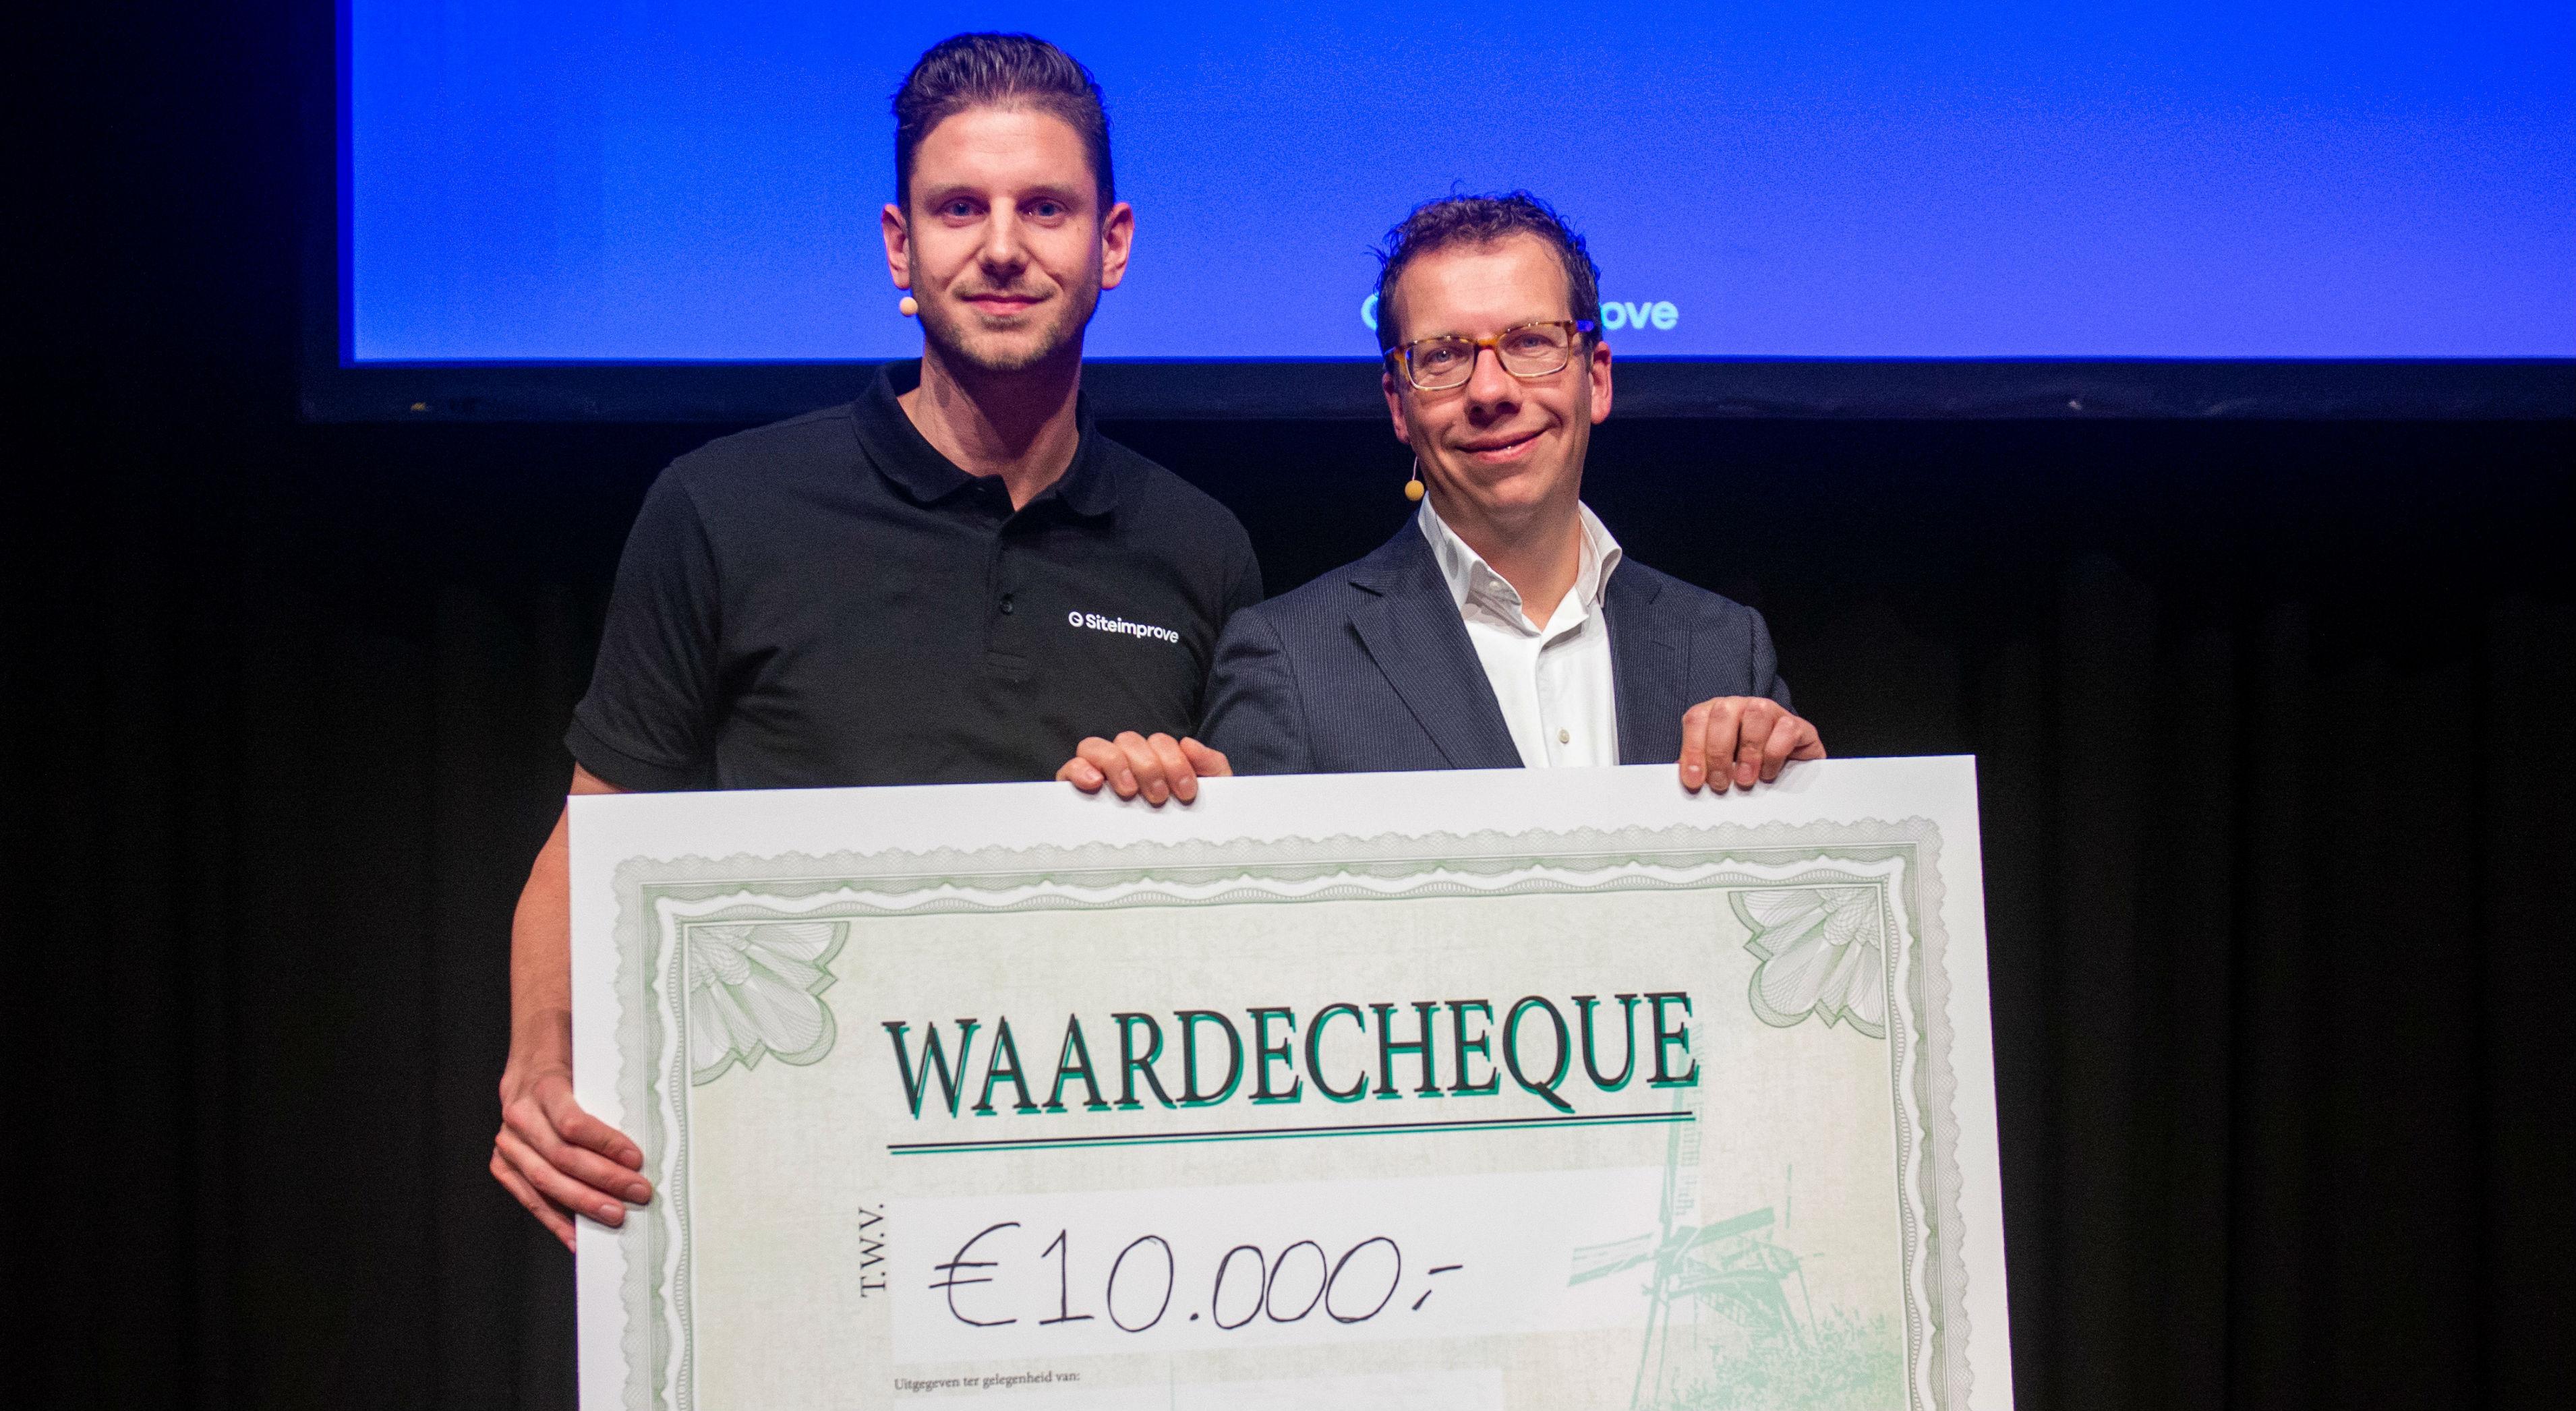 Auke Grondsma en Jeroen van de Koppel met de cheque van tienduizend euro tijdens Web Accessibility Live.